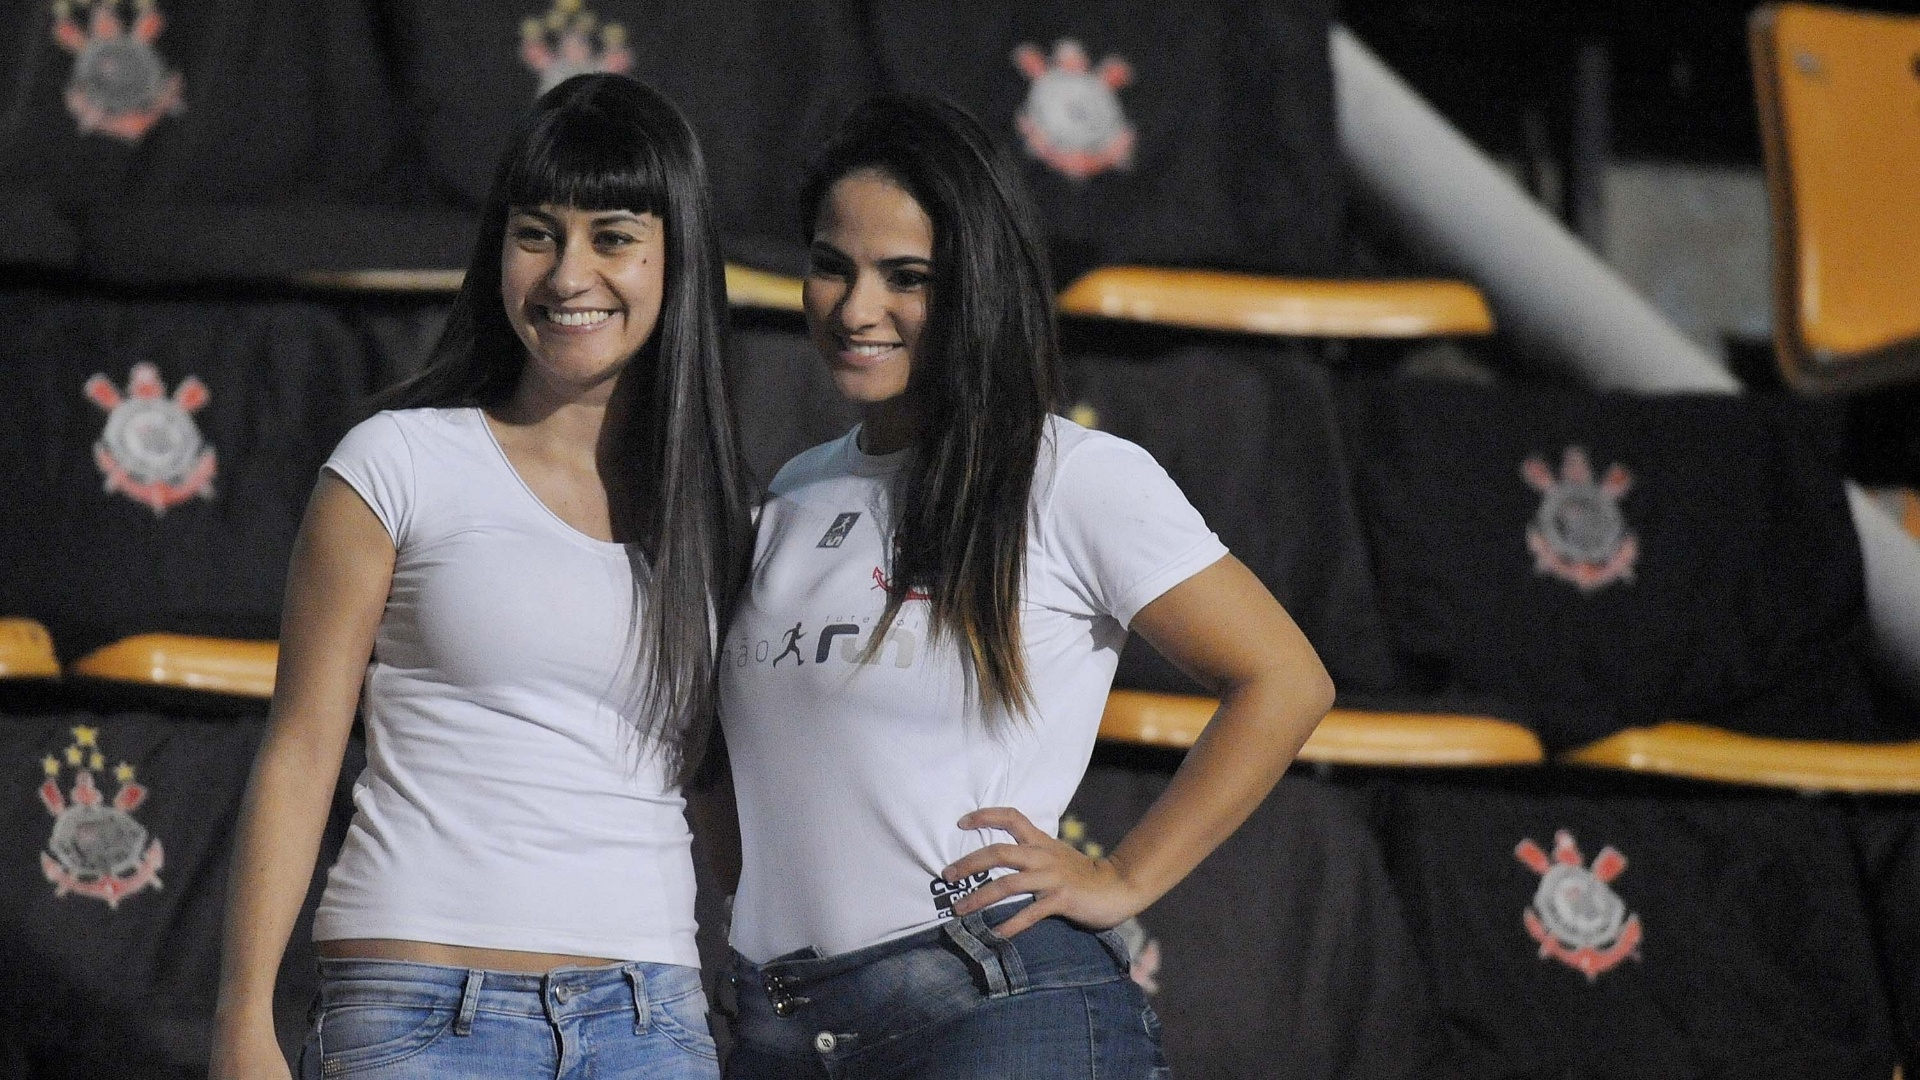 08.jun.2013 - Torcedoras do Corinthians marcam presença no Pacaembu antes de jogo contra a Portuguesa pelo Brasileiro